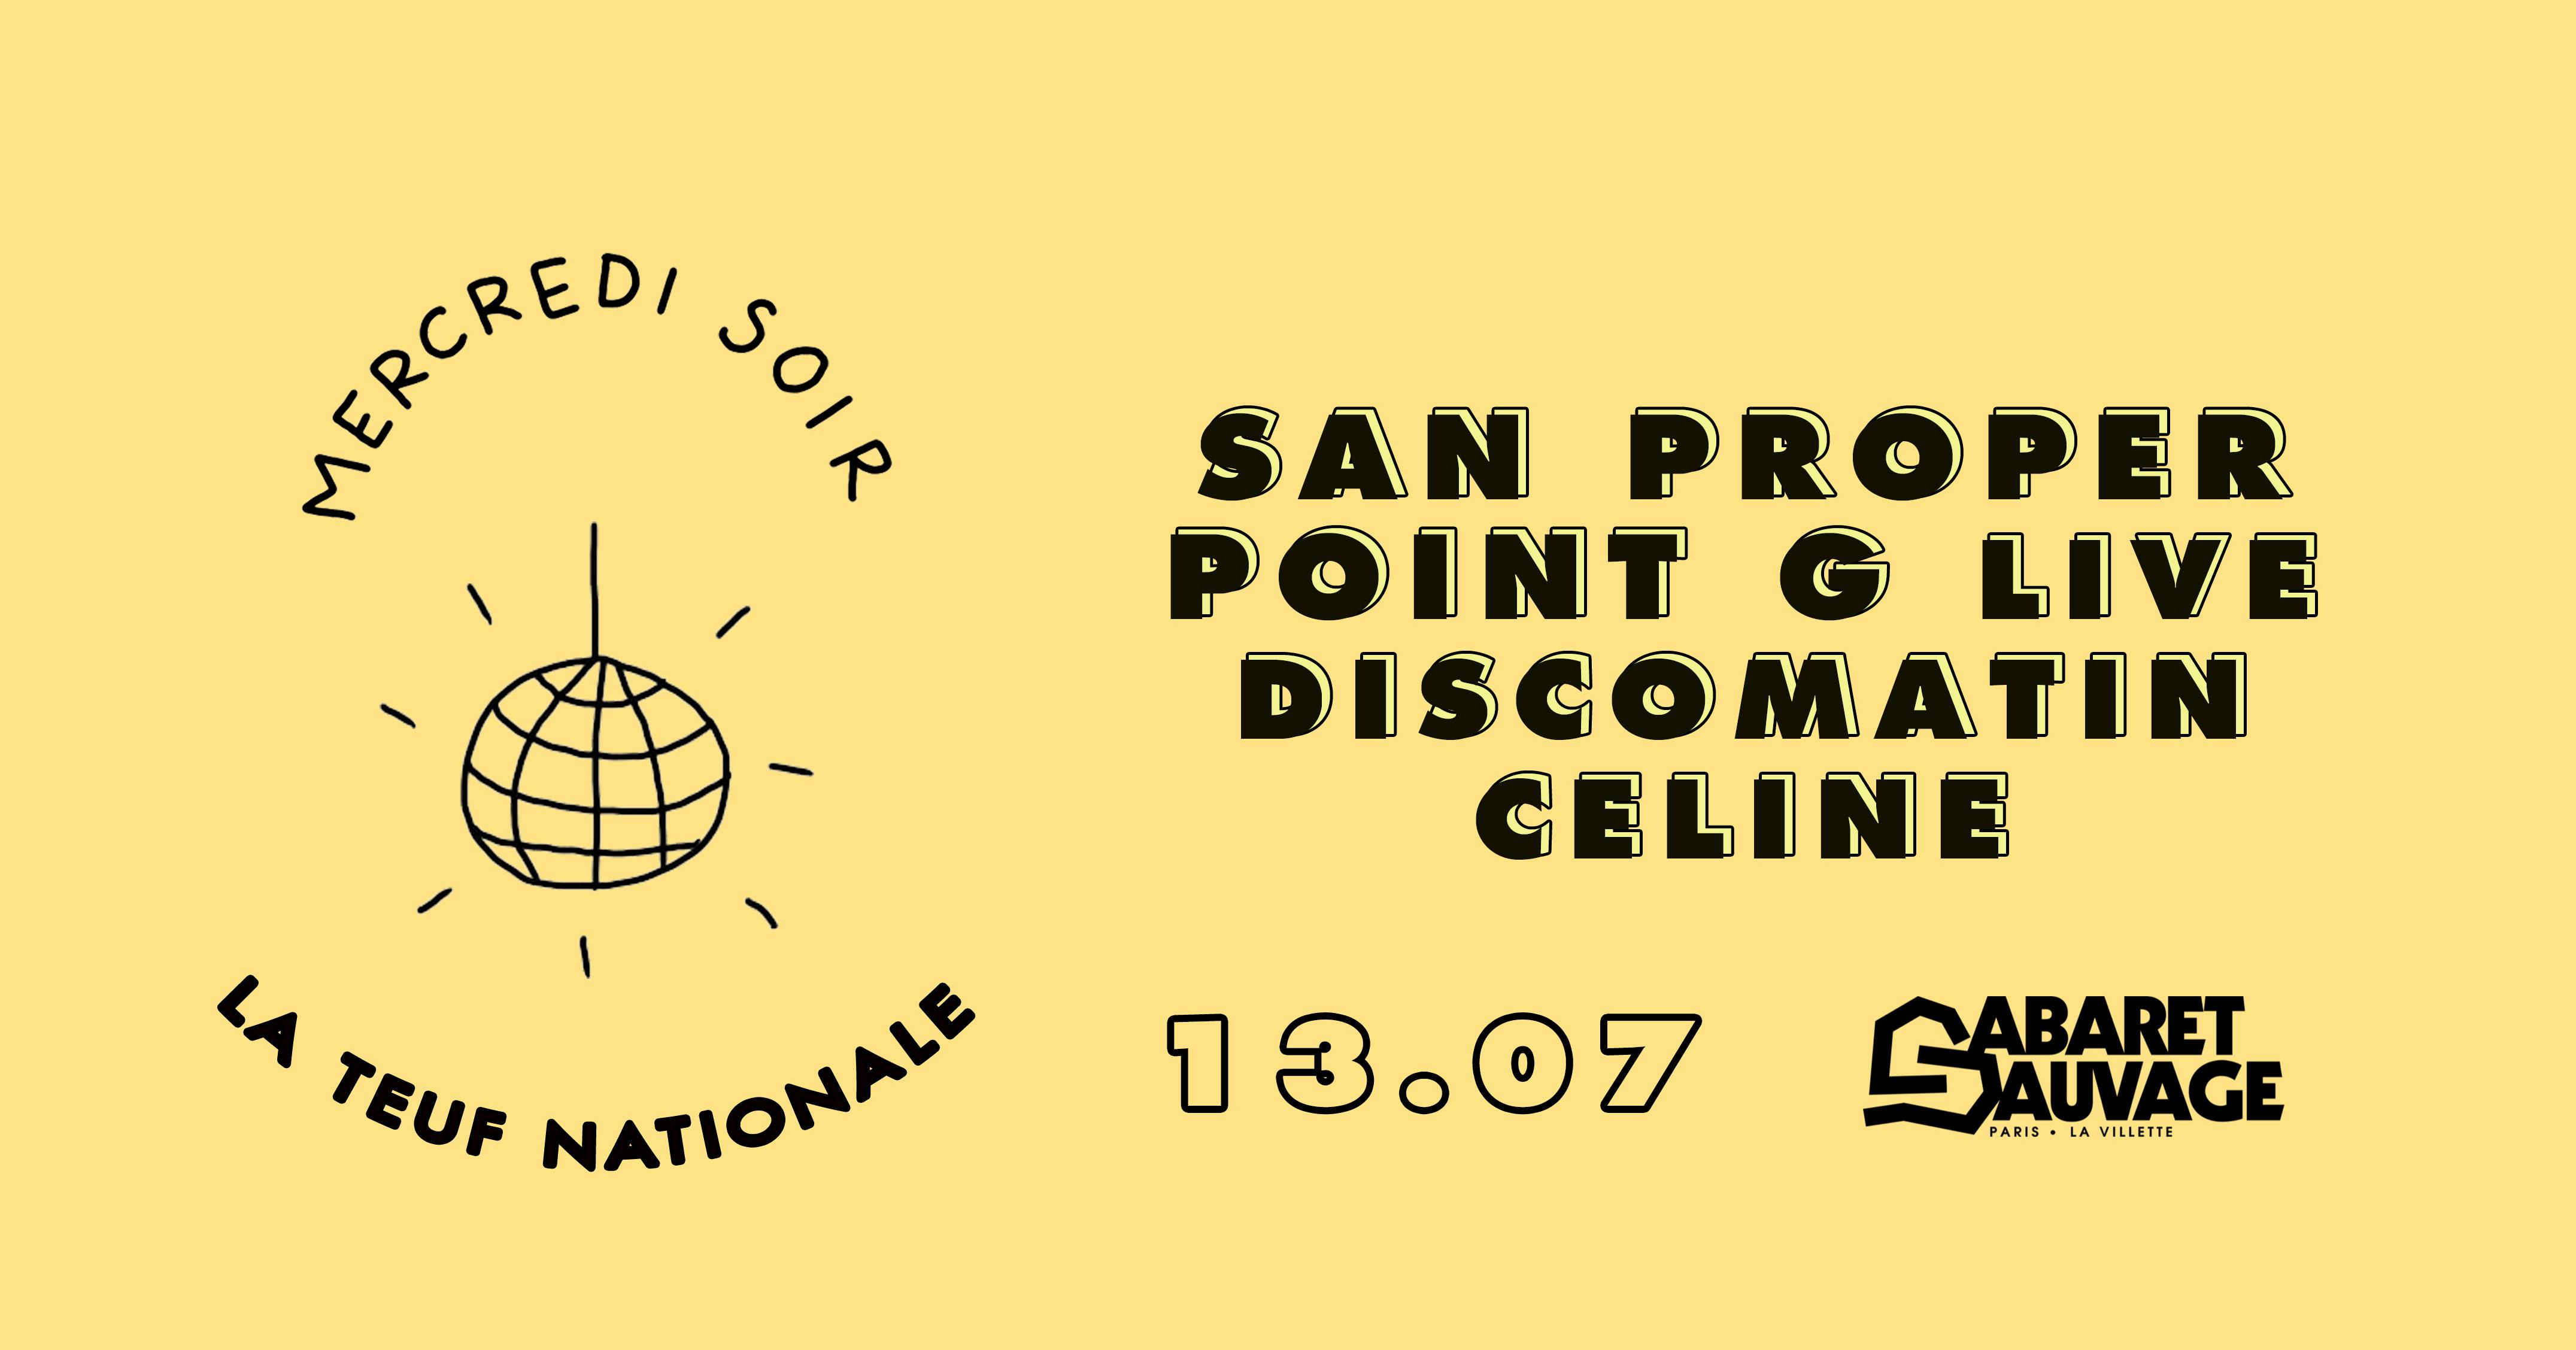 La Teuf Nationale : San Proper, Point G Live, Discomatin, Céline